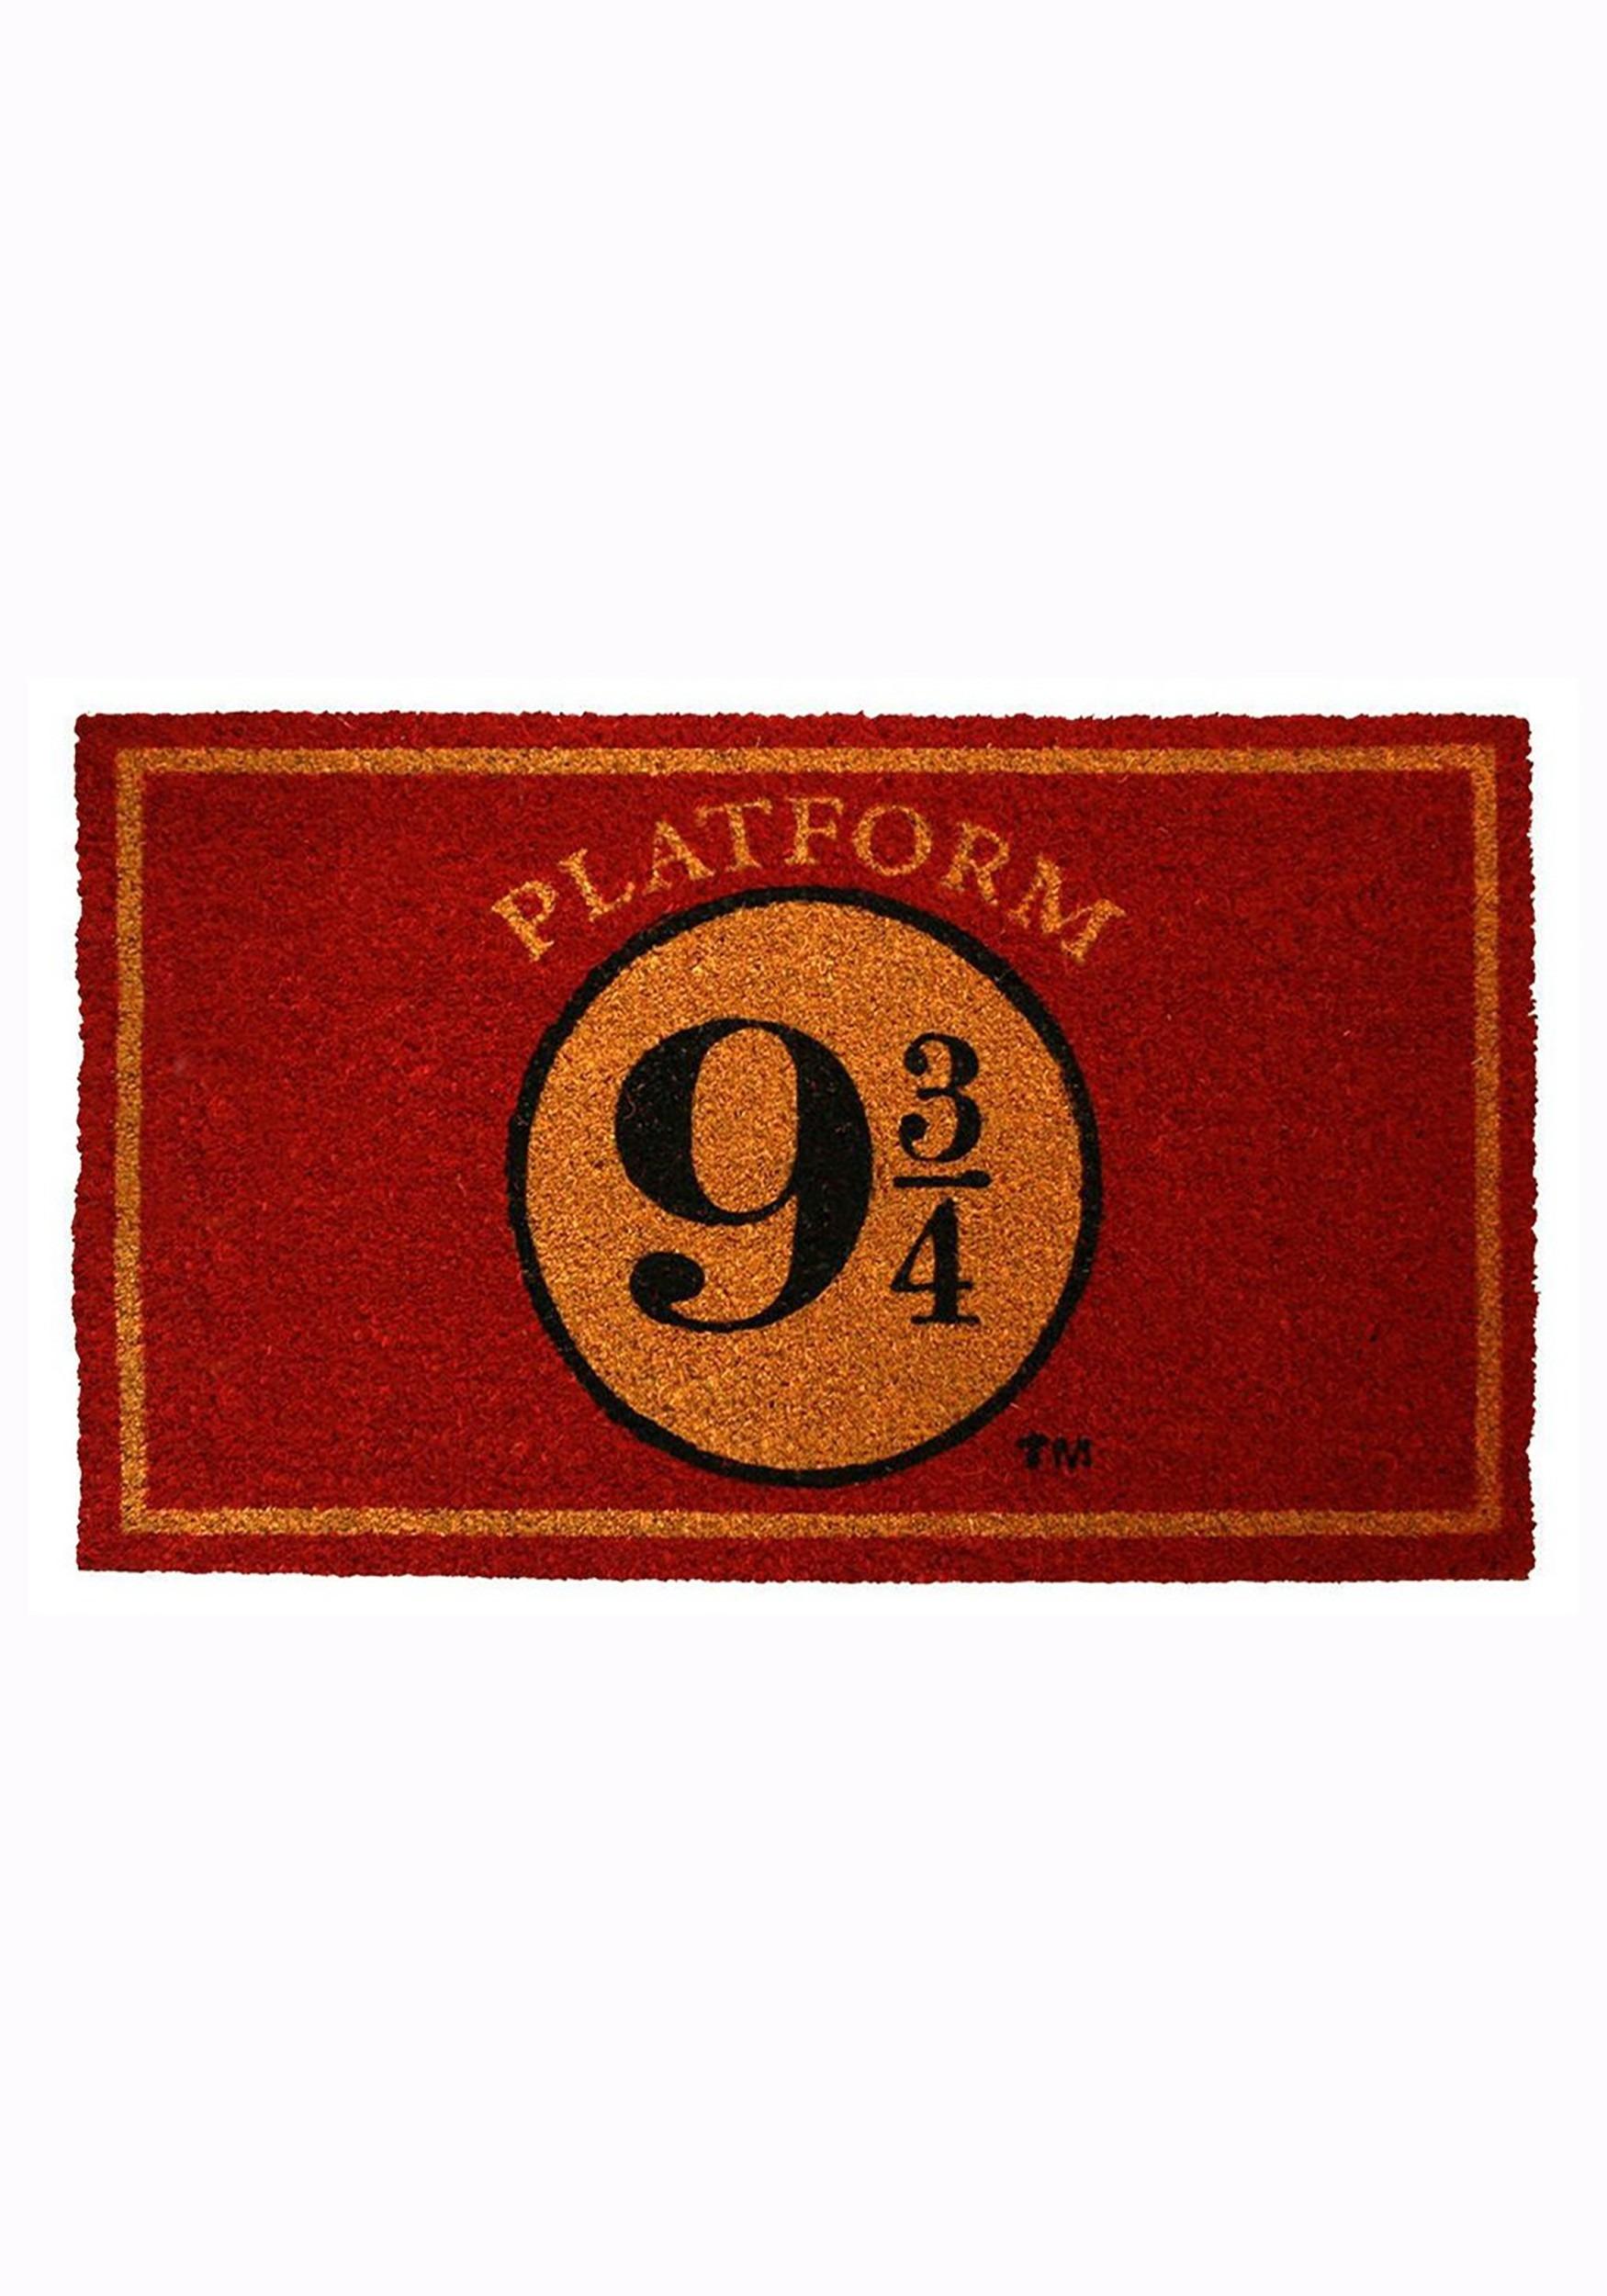 Harry Potter Platform 9 and 3/4 Doormat